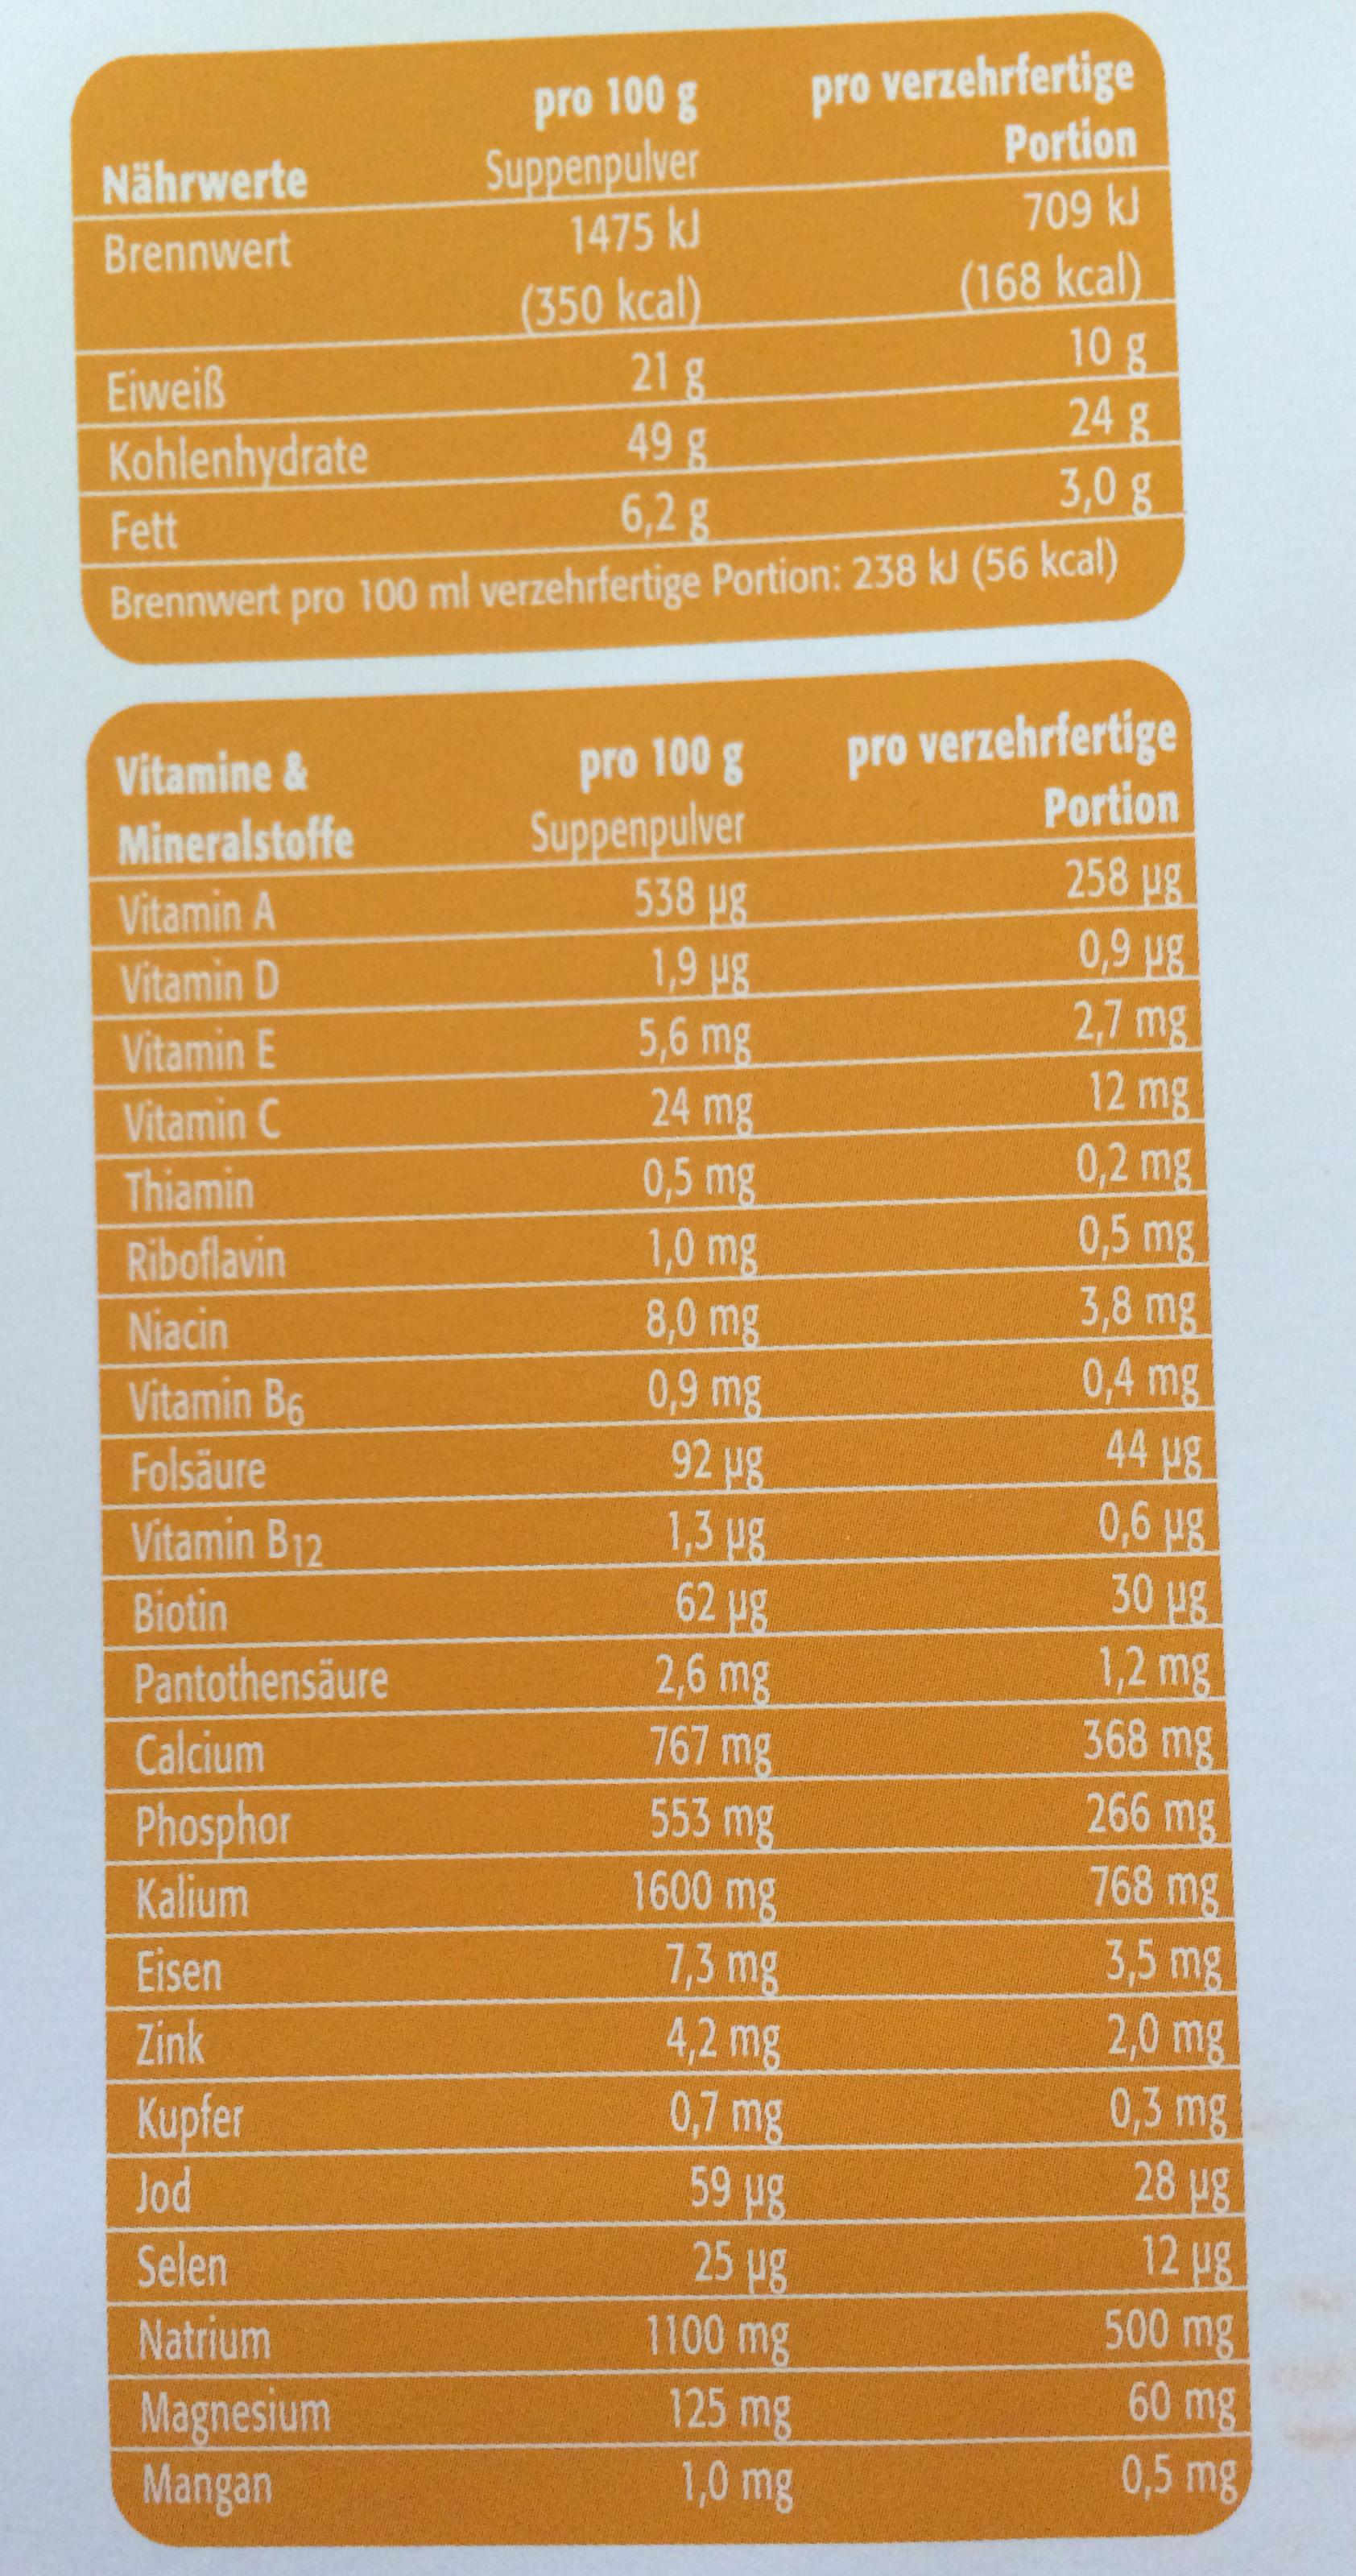 BonVita Curry-Lauch-Suppe Nährwerte und Inhaltsstoffe Probenqueen